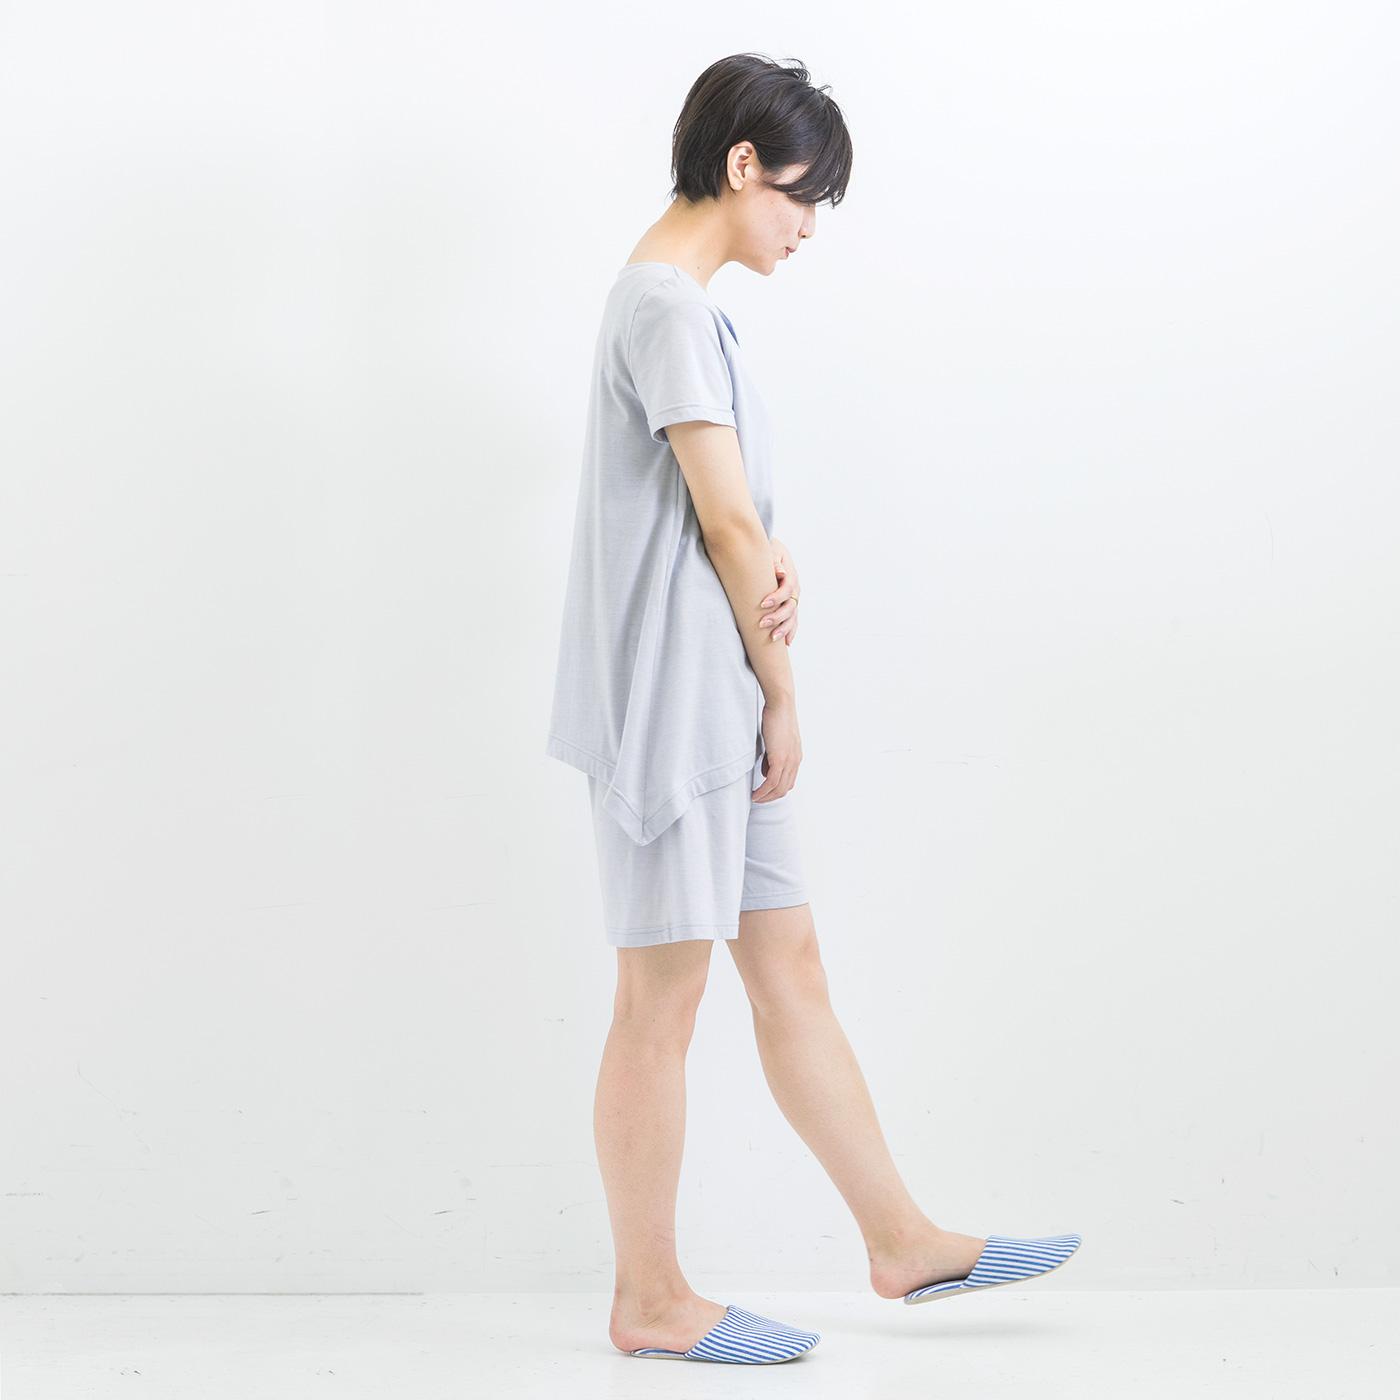 【サイド】両サイドが長くなって足に沿うデザイン。